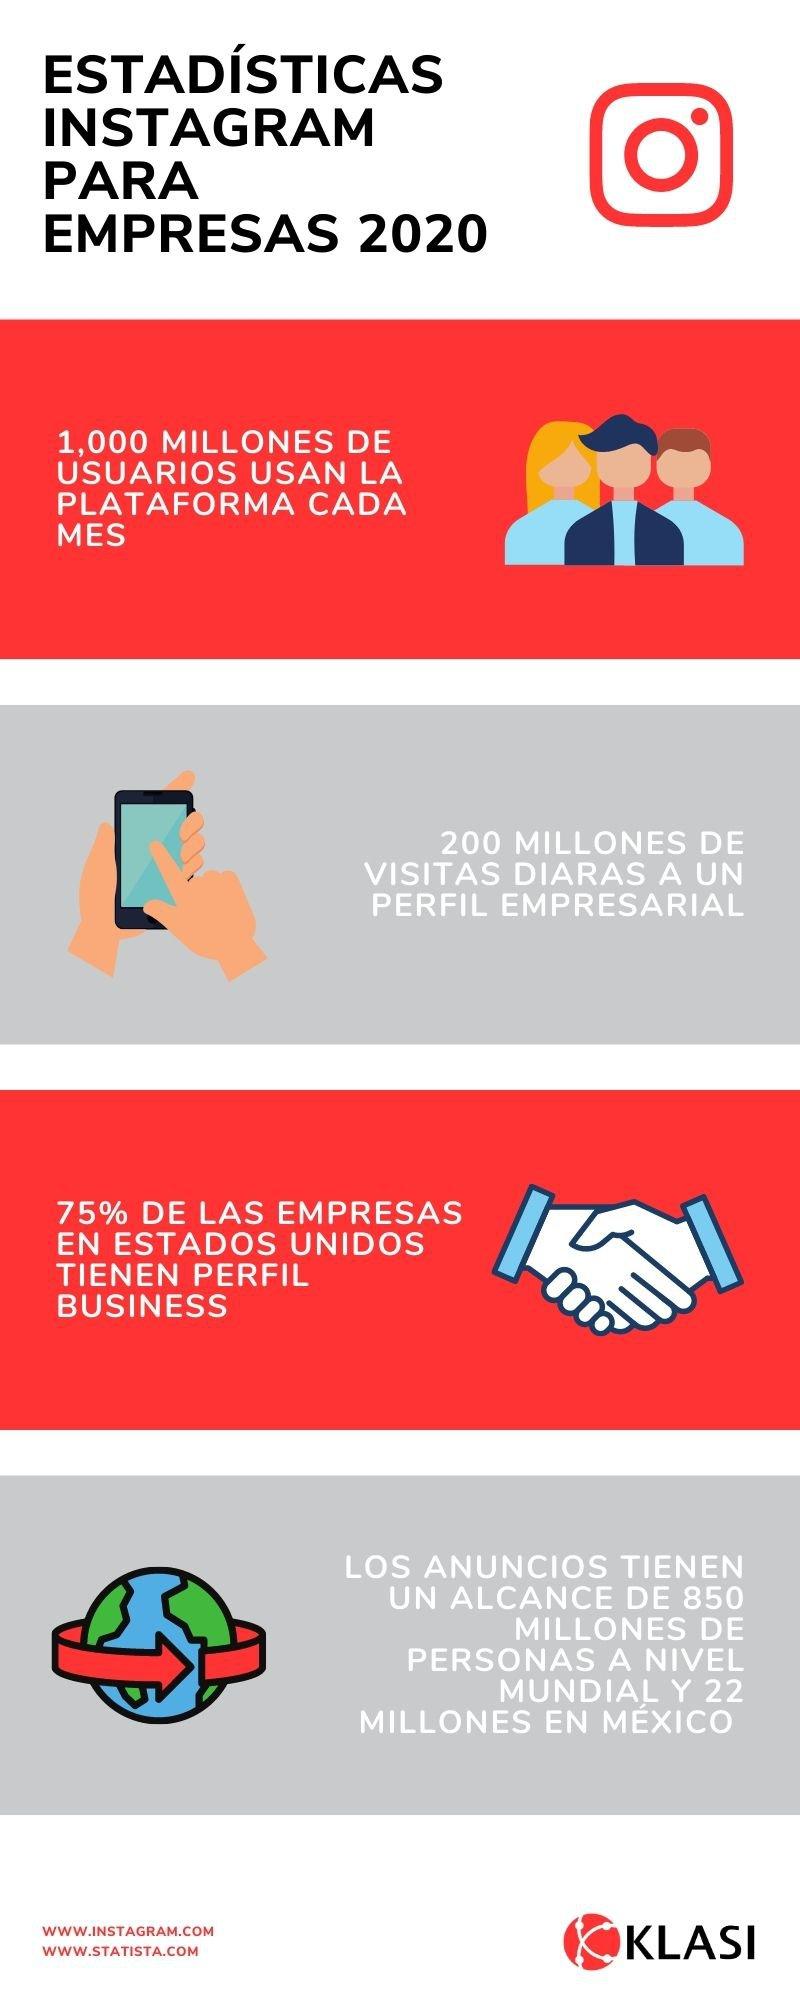 Estadísticas Instagram para Empresas - Klasi México